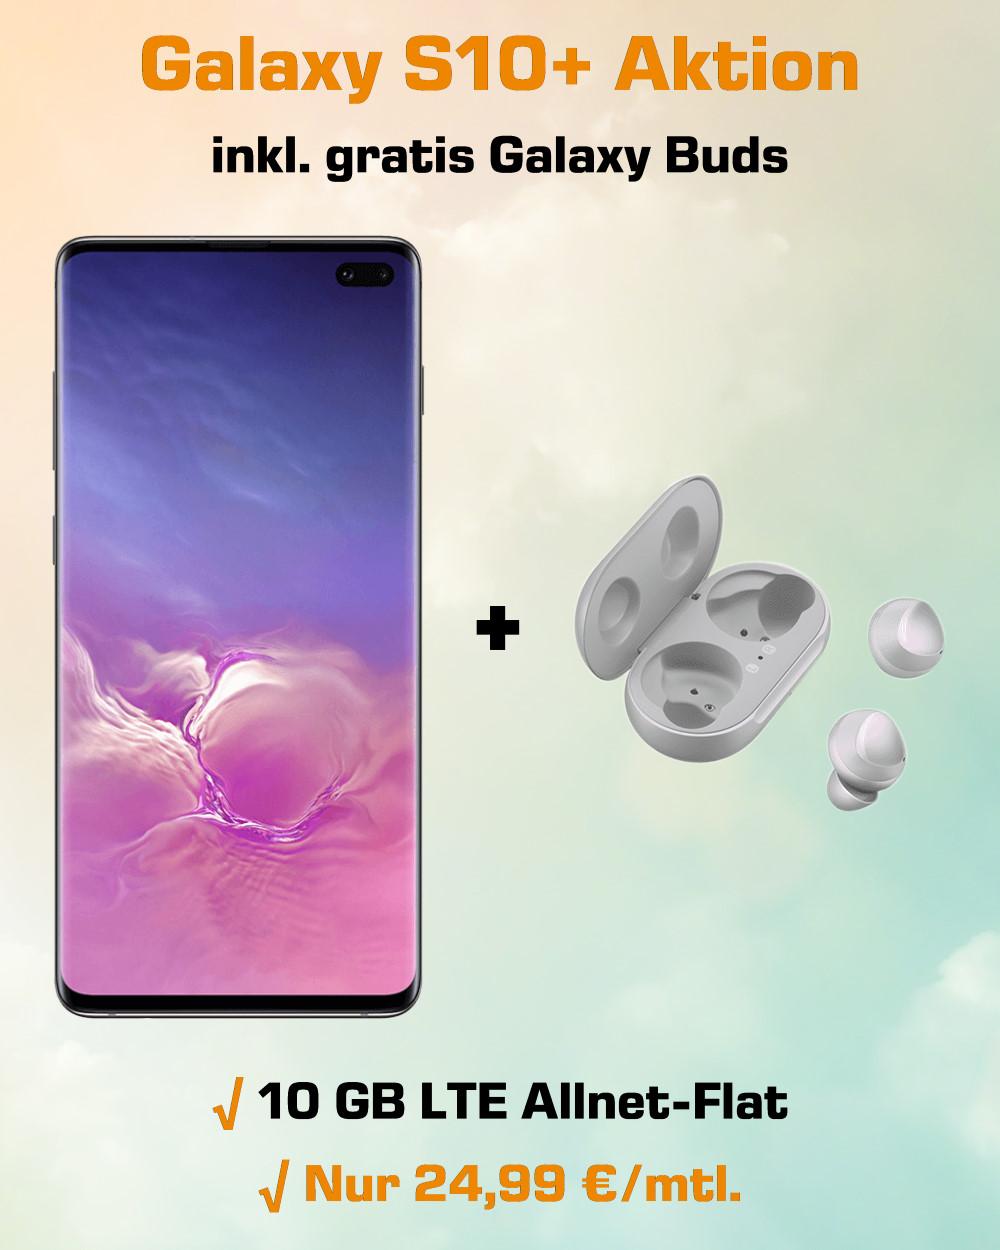 Handy-Tarifvergleich Galaxy S10+ inkl. gratis Galaxy Buds und 10 GB LTE